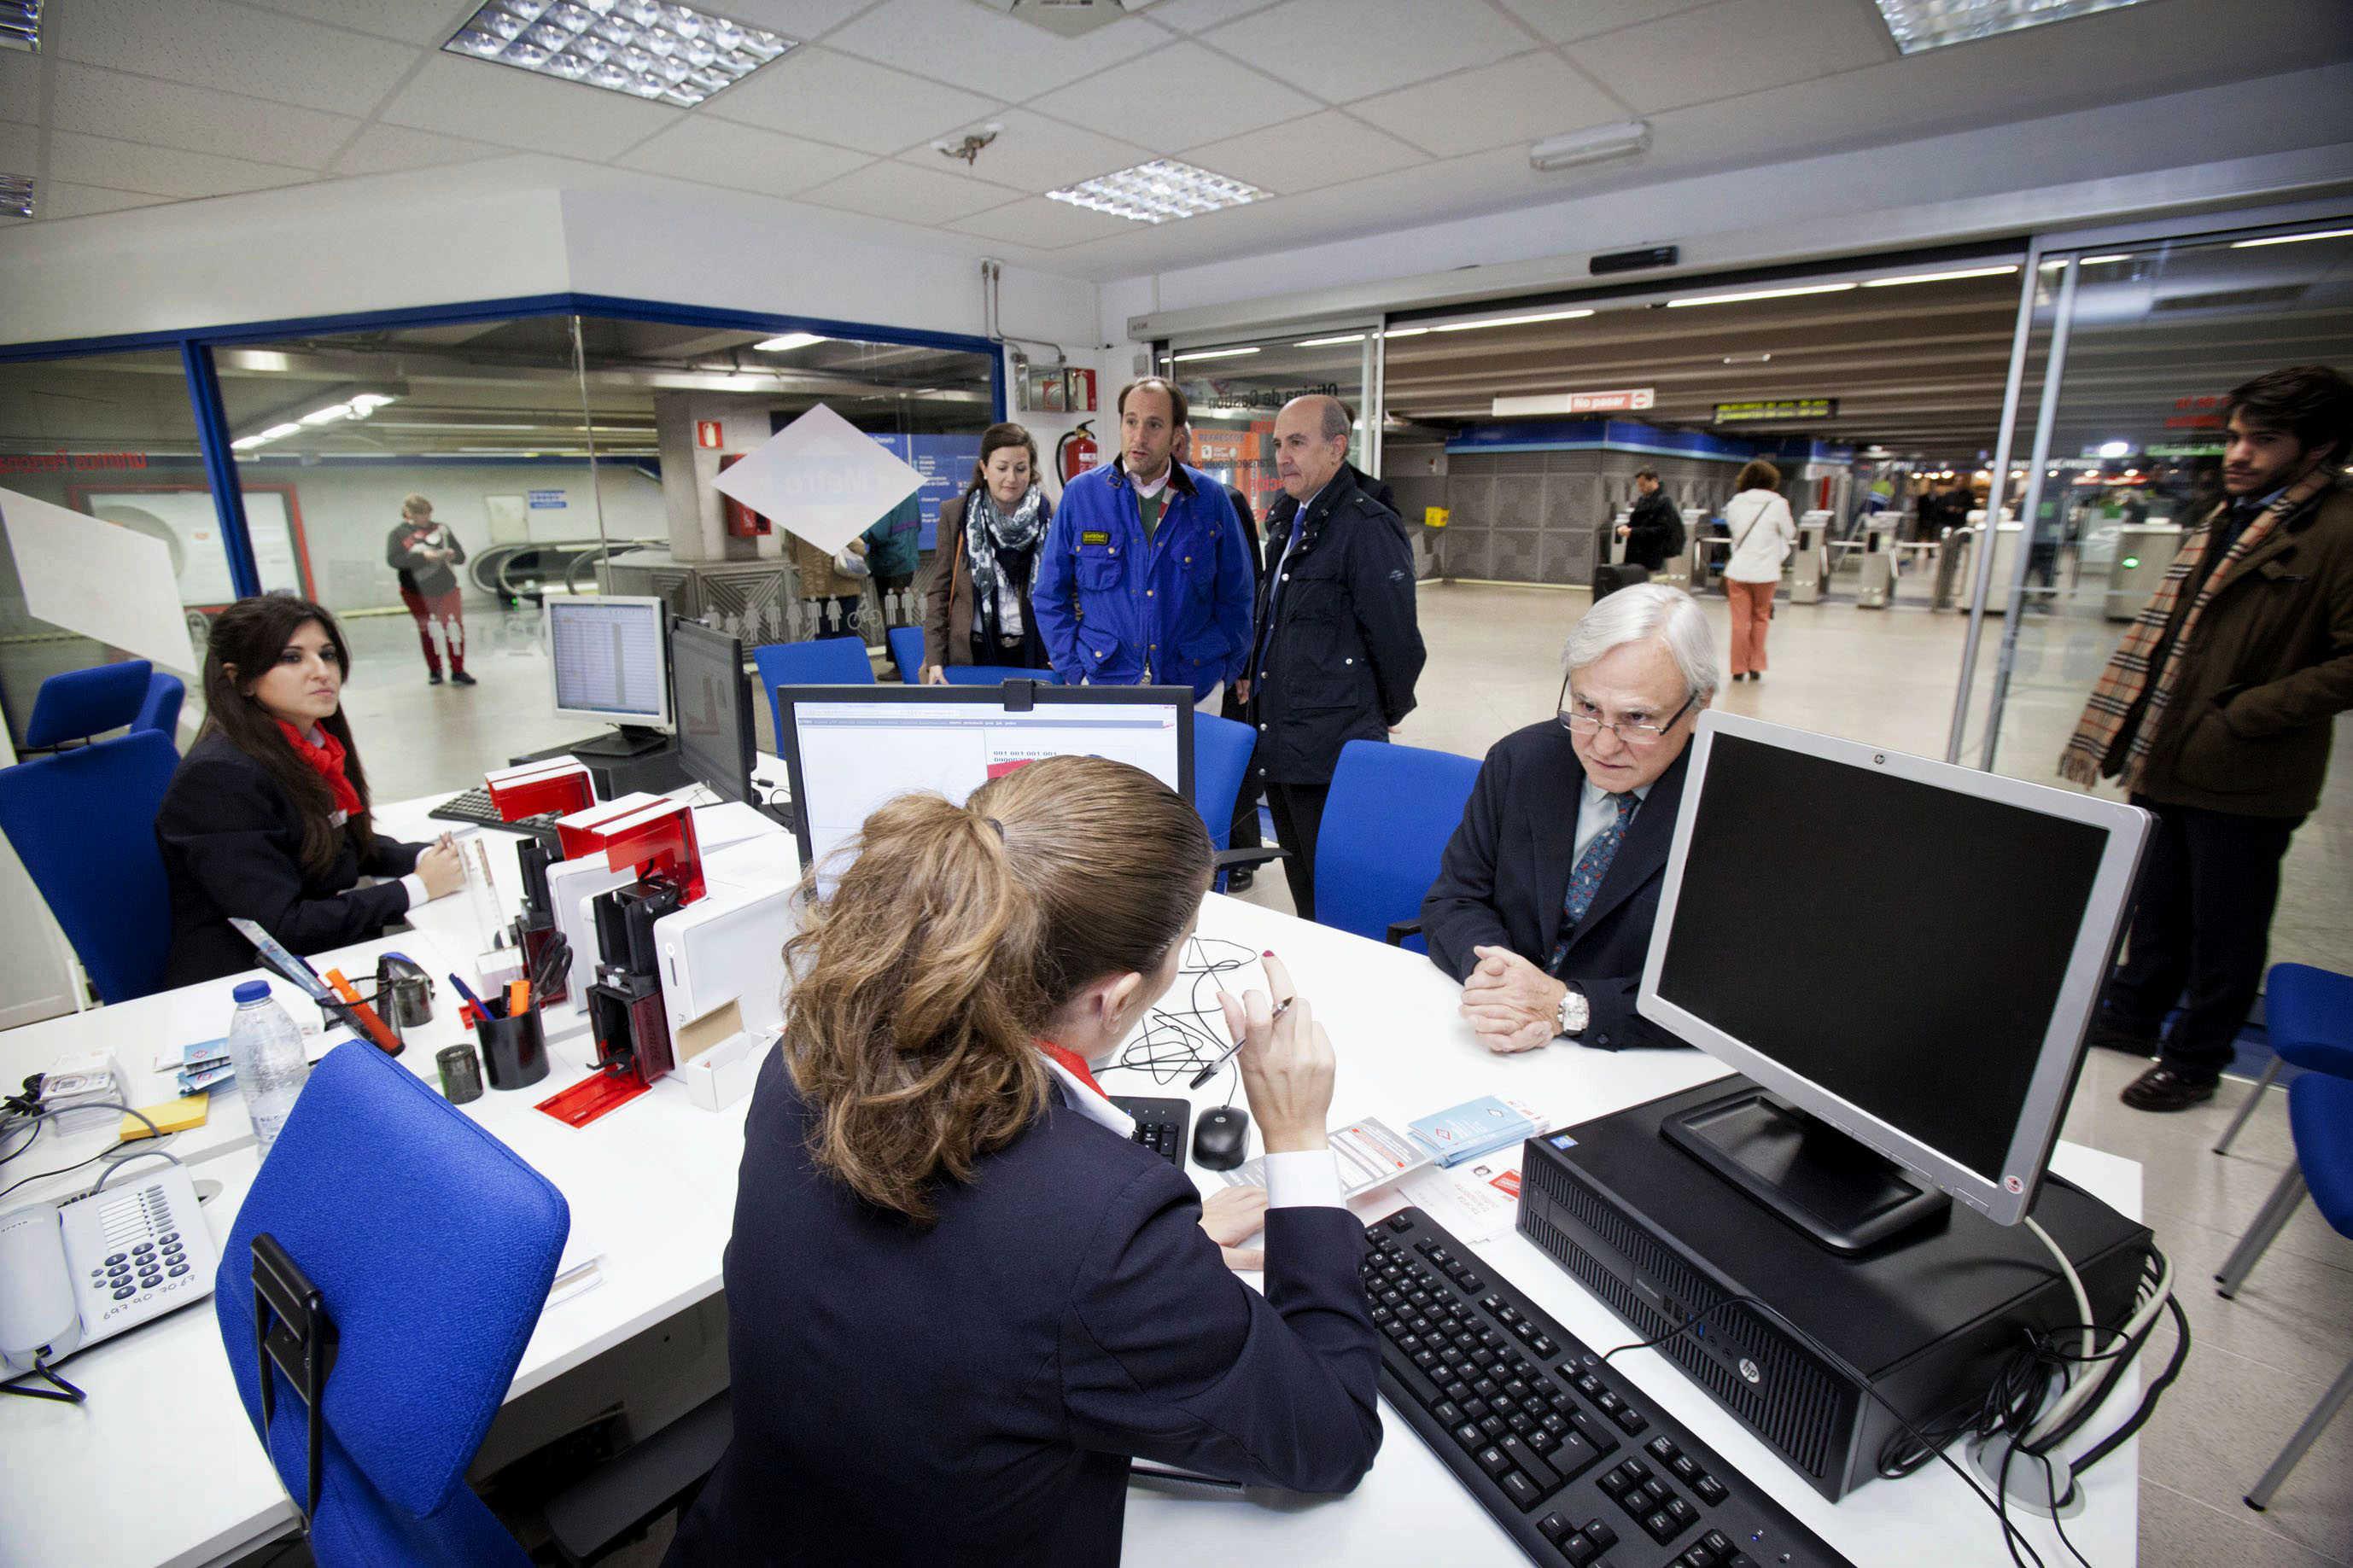 Las distancias de seguridad entre las trabajadoras y el usuario son mínimas, sumando el intercambio de documentación que podría favorecer el contagio . | FUENTE: Zonaretiro.com